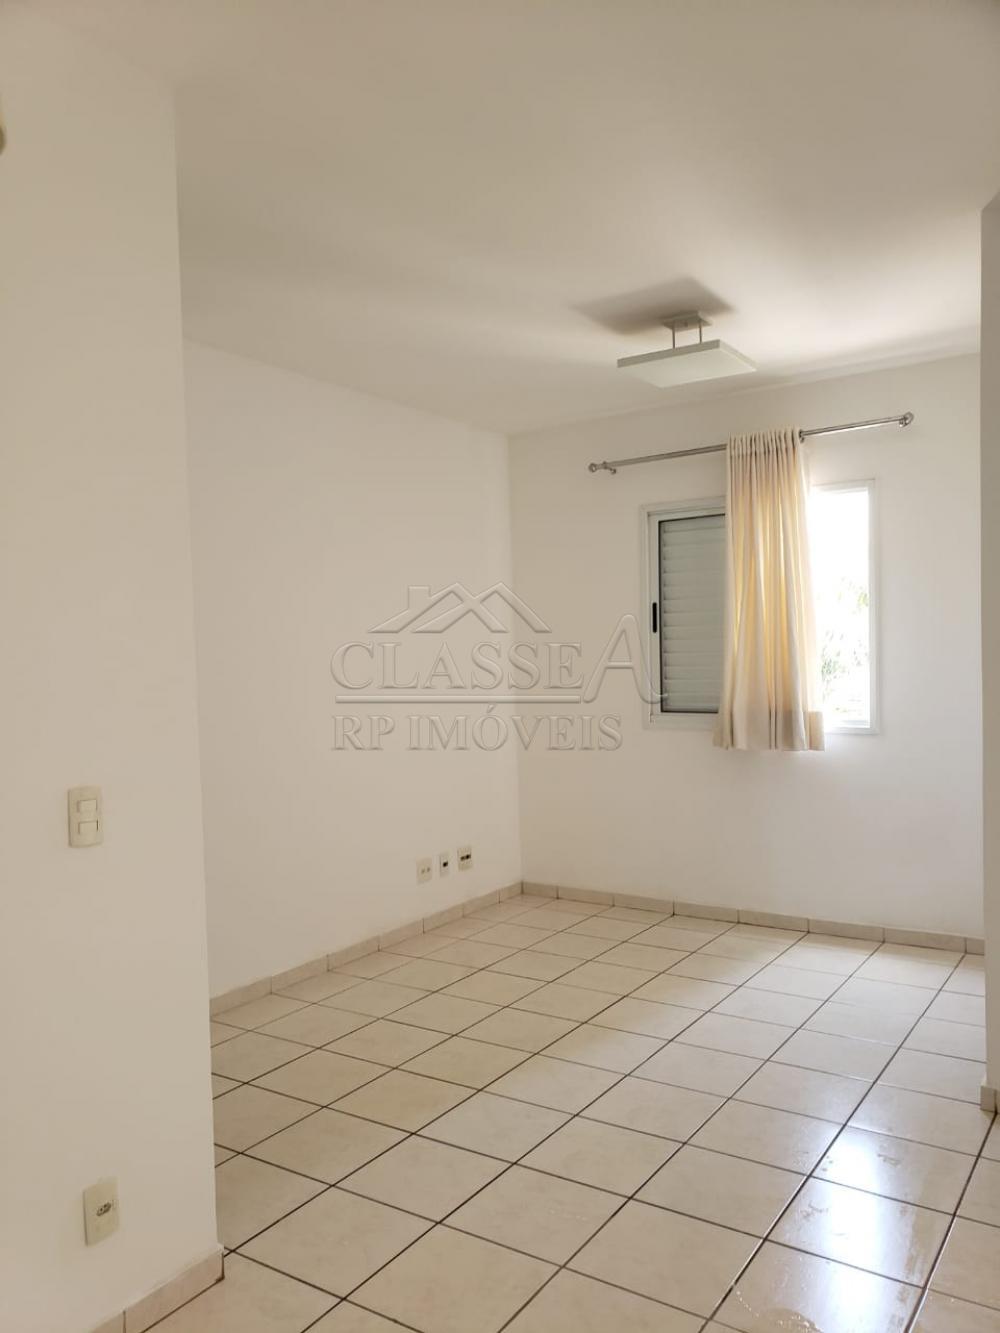 Ribeirao Preto Apartamento Venda R$460.000,00 Condominio R$420,00 3 Dormitorios 1 Suite Area construida 77.96m2